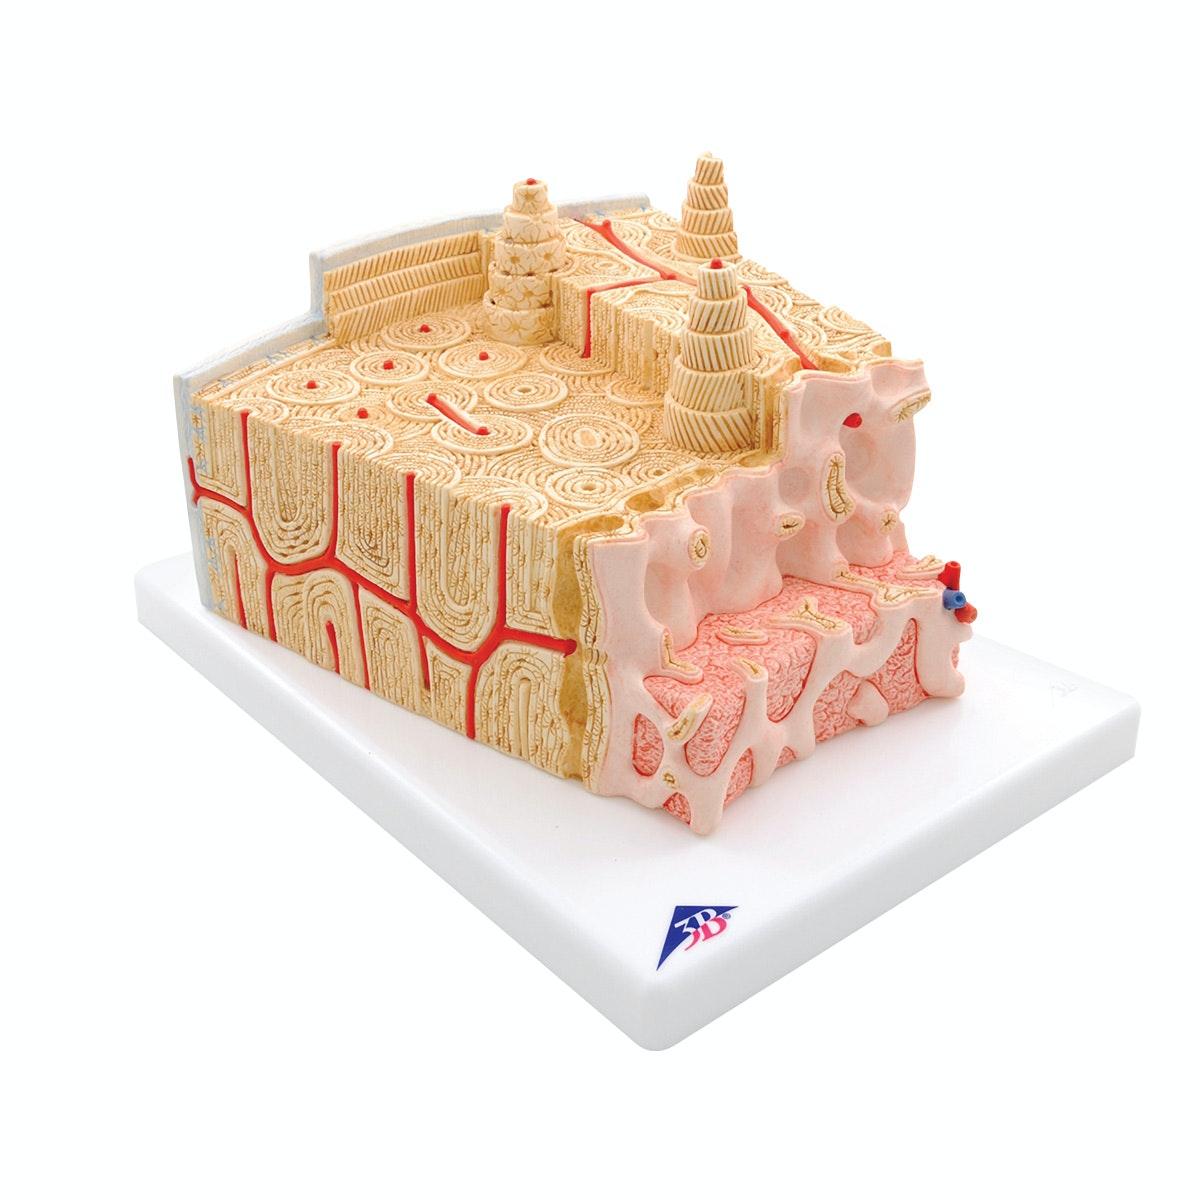 Detaljeret model af knoglevæv inkl. blodkar i et mikroskopisk perspektiv